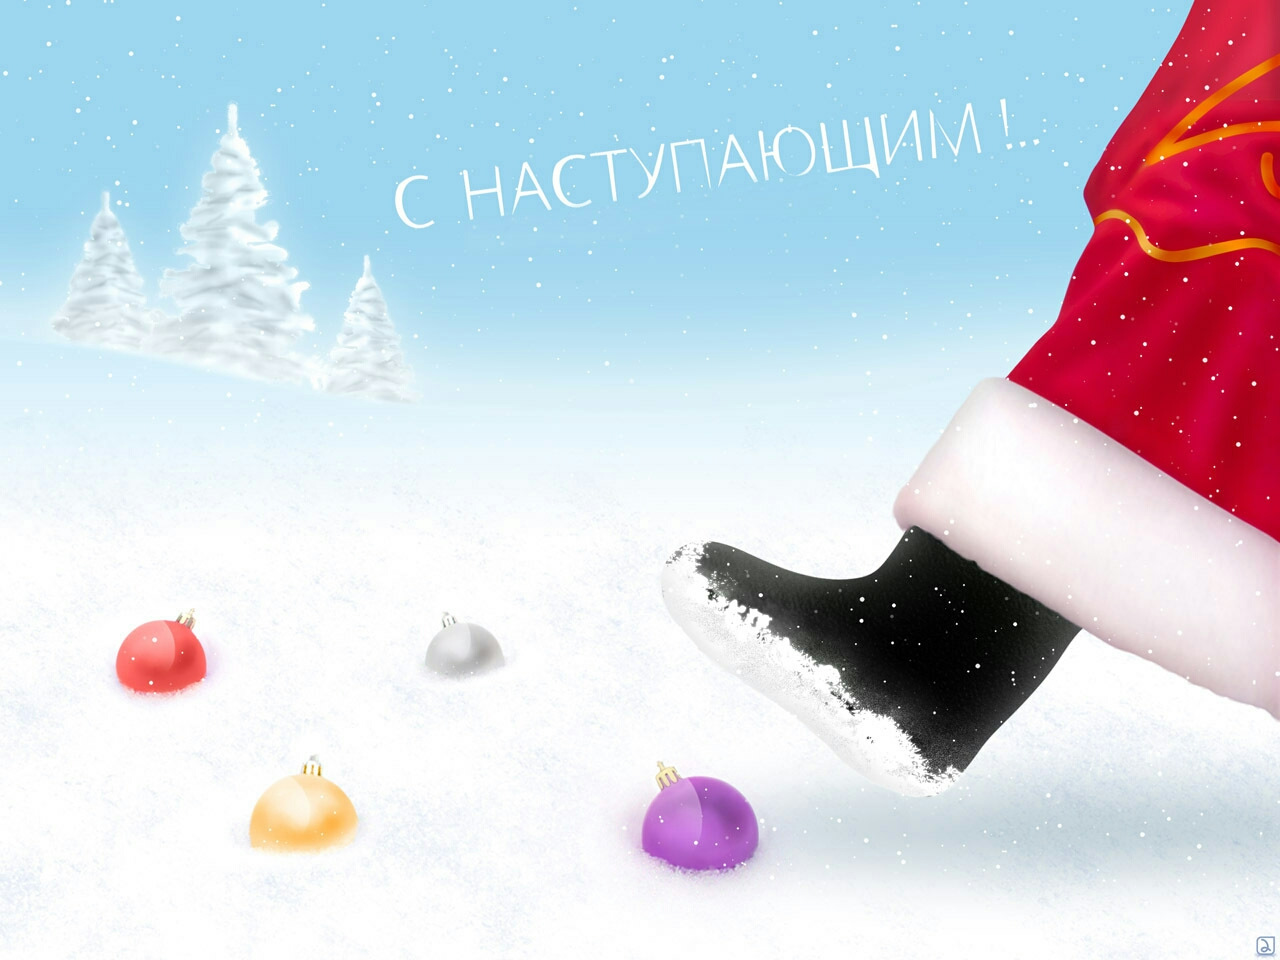 Картинки с наступающим новым годом картинки, сами открытки картинки